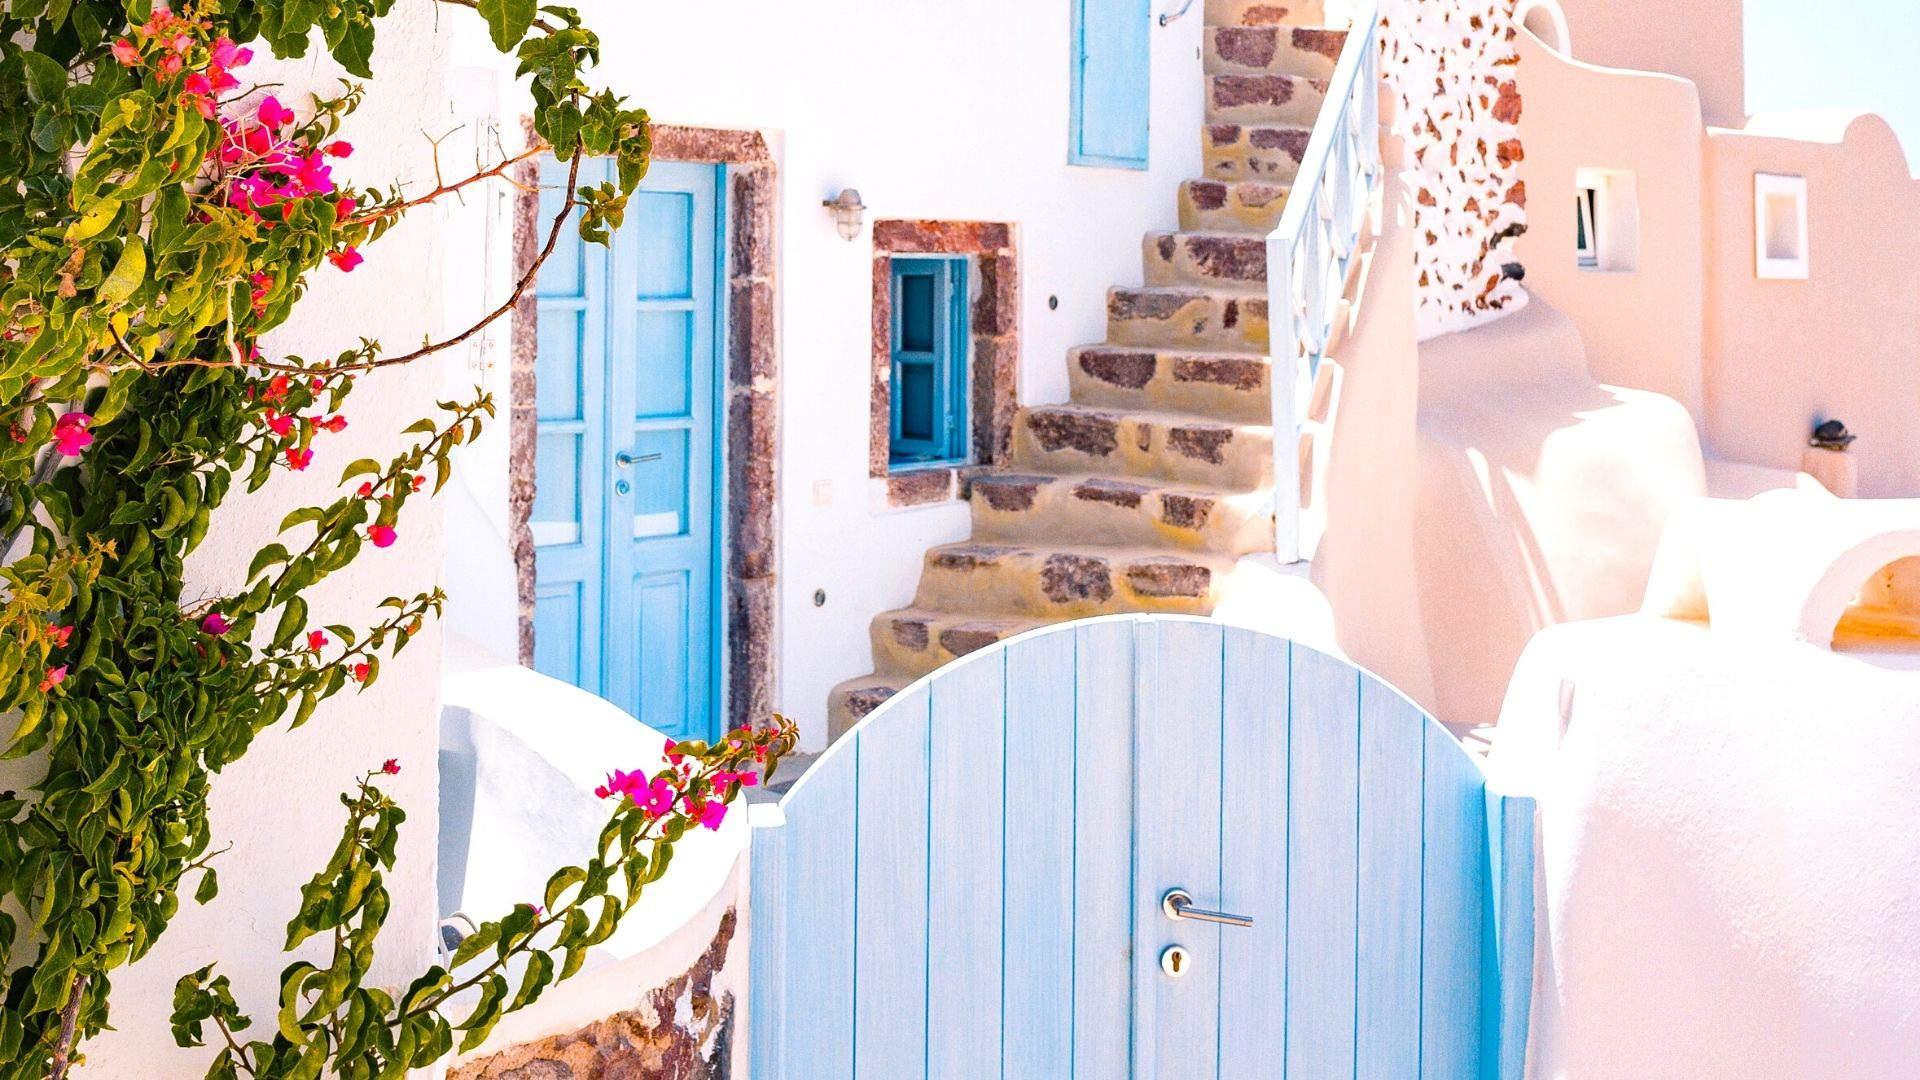 Keliautojus keri nuostabi graikiška architektūra